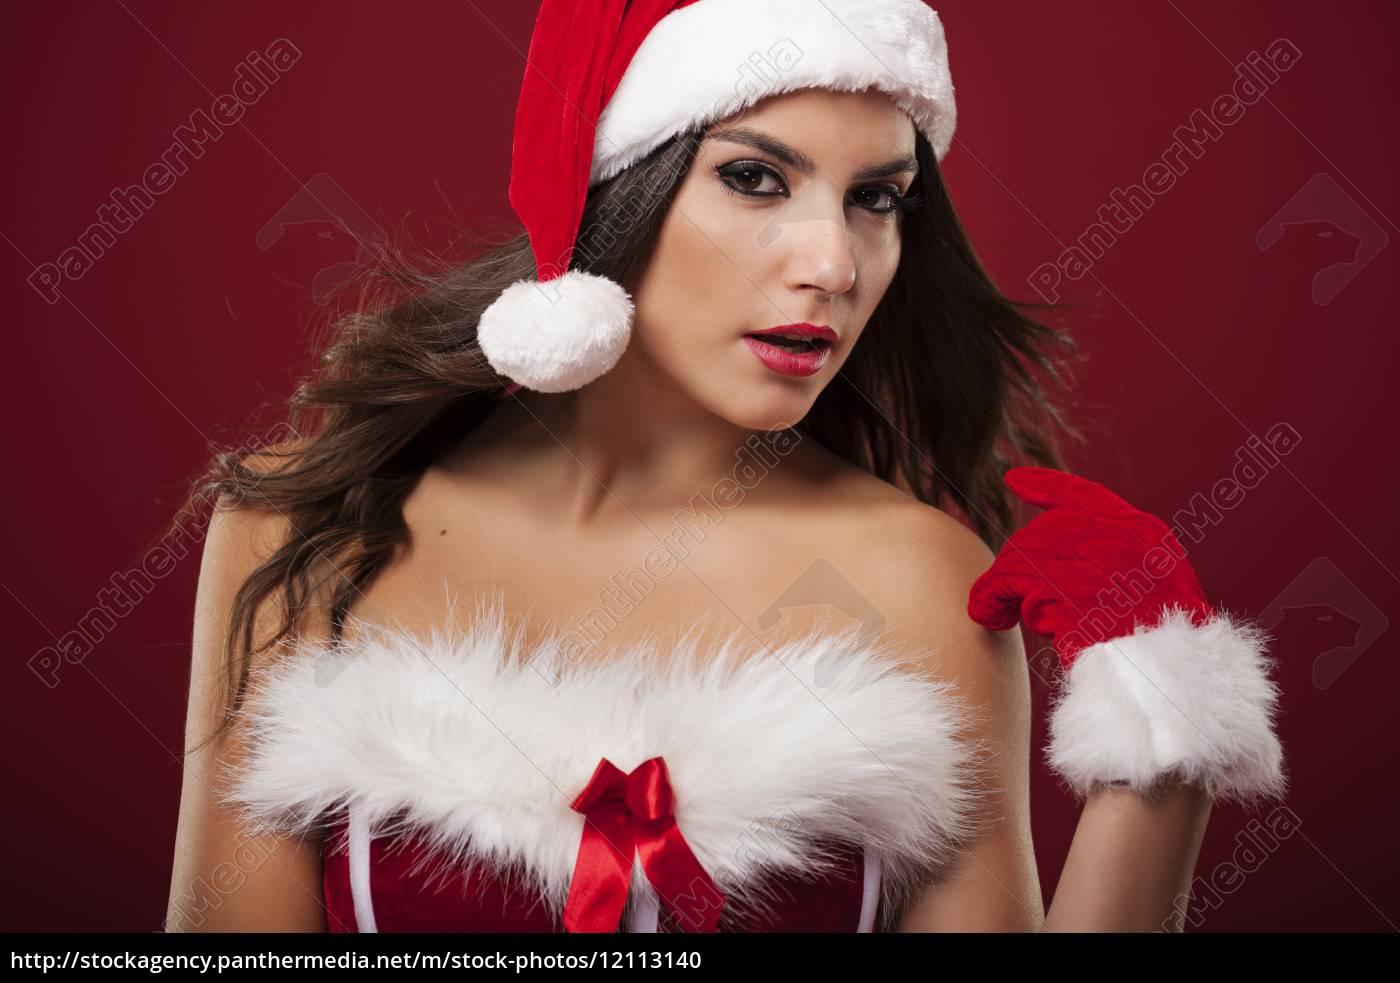 portræt, af, sexet, jul, kvinde, - 12113140